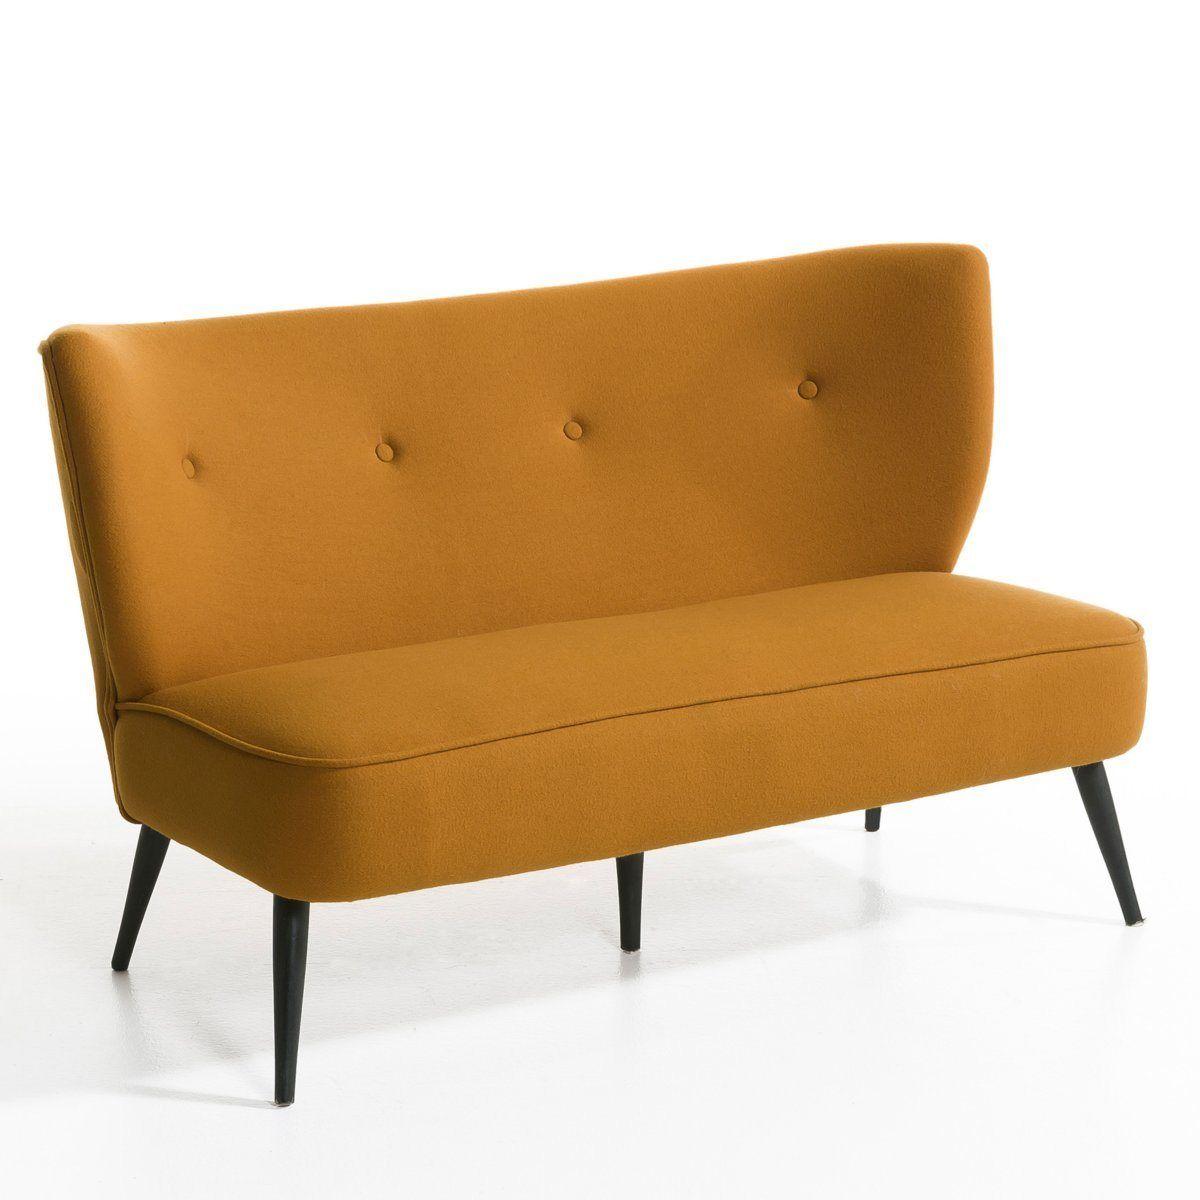 banquette franck flanelle am pm la redoute chaises fauteuils tabourets canap s. Black Bedroom Furniture Sets. Home Design Ideas